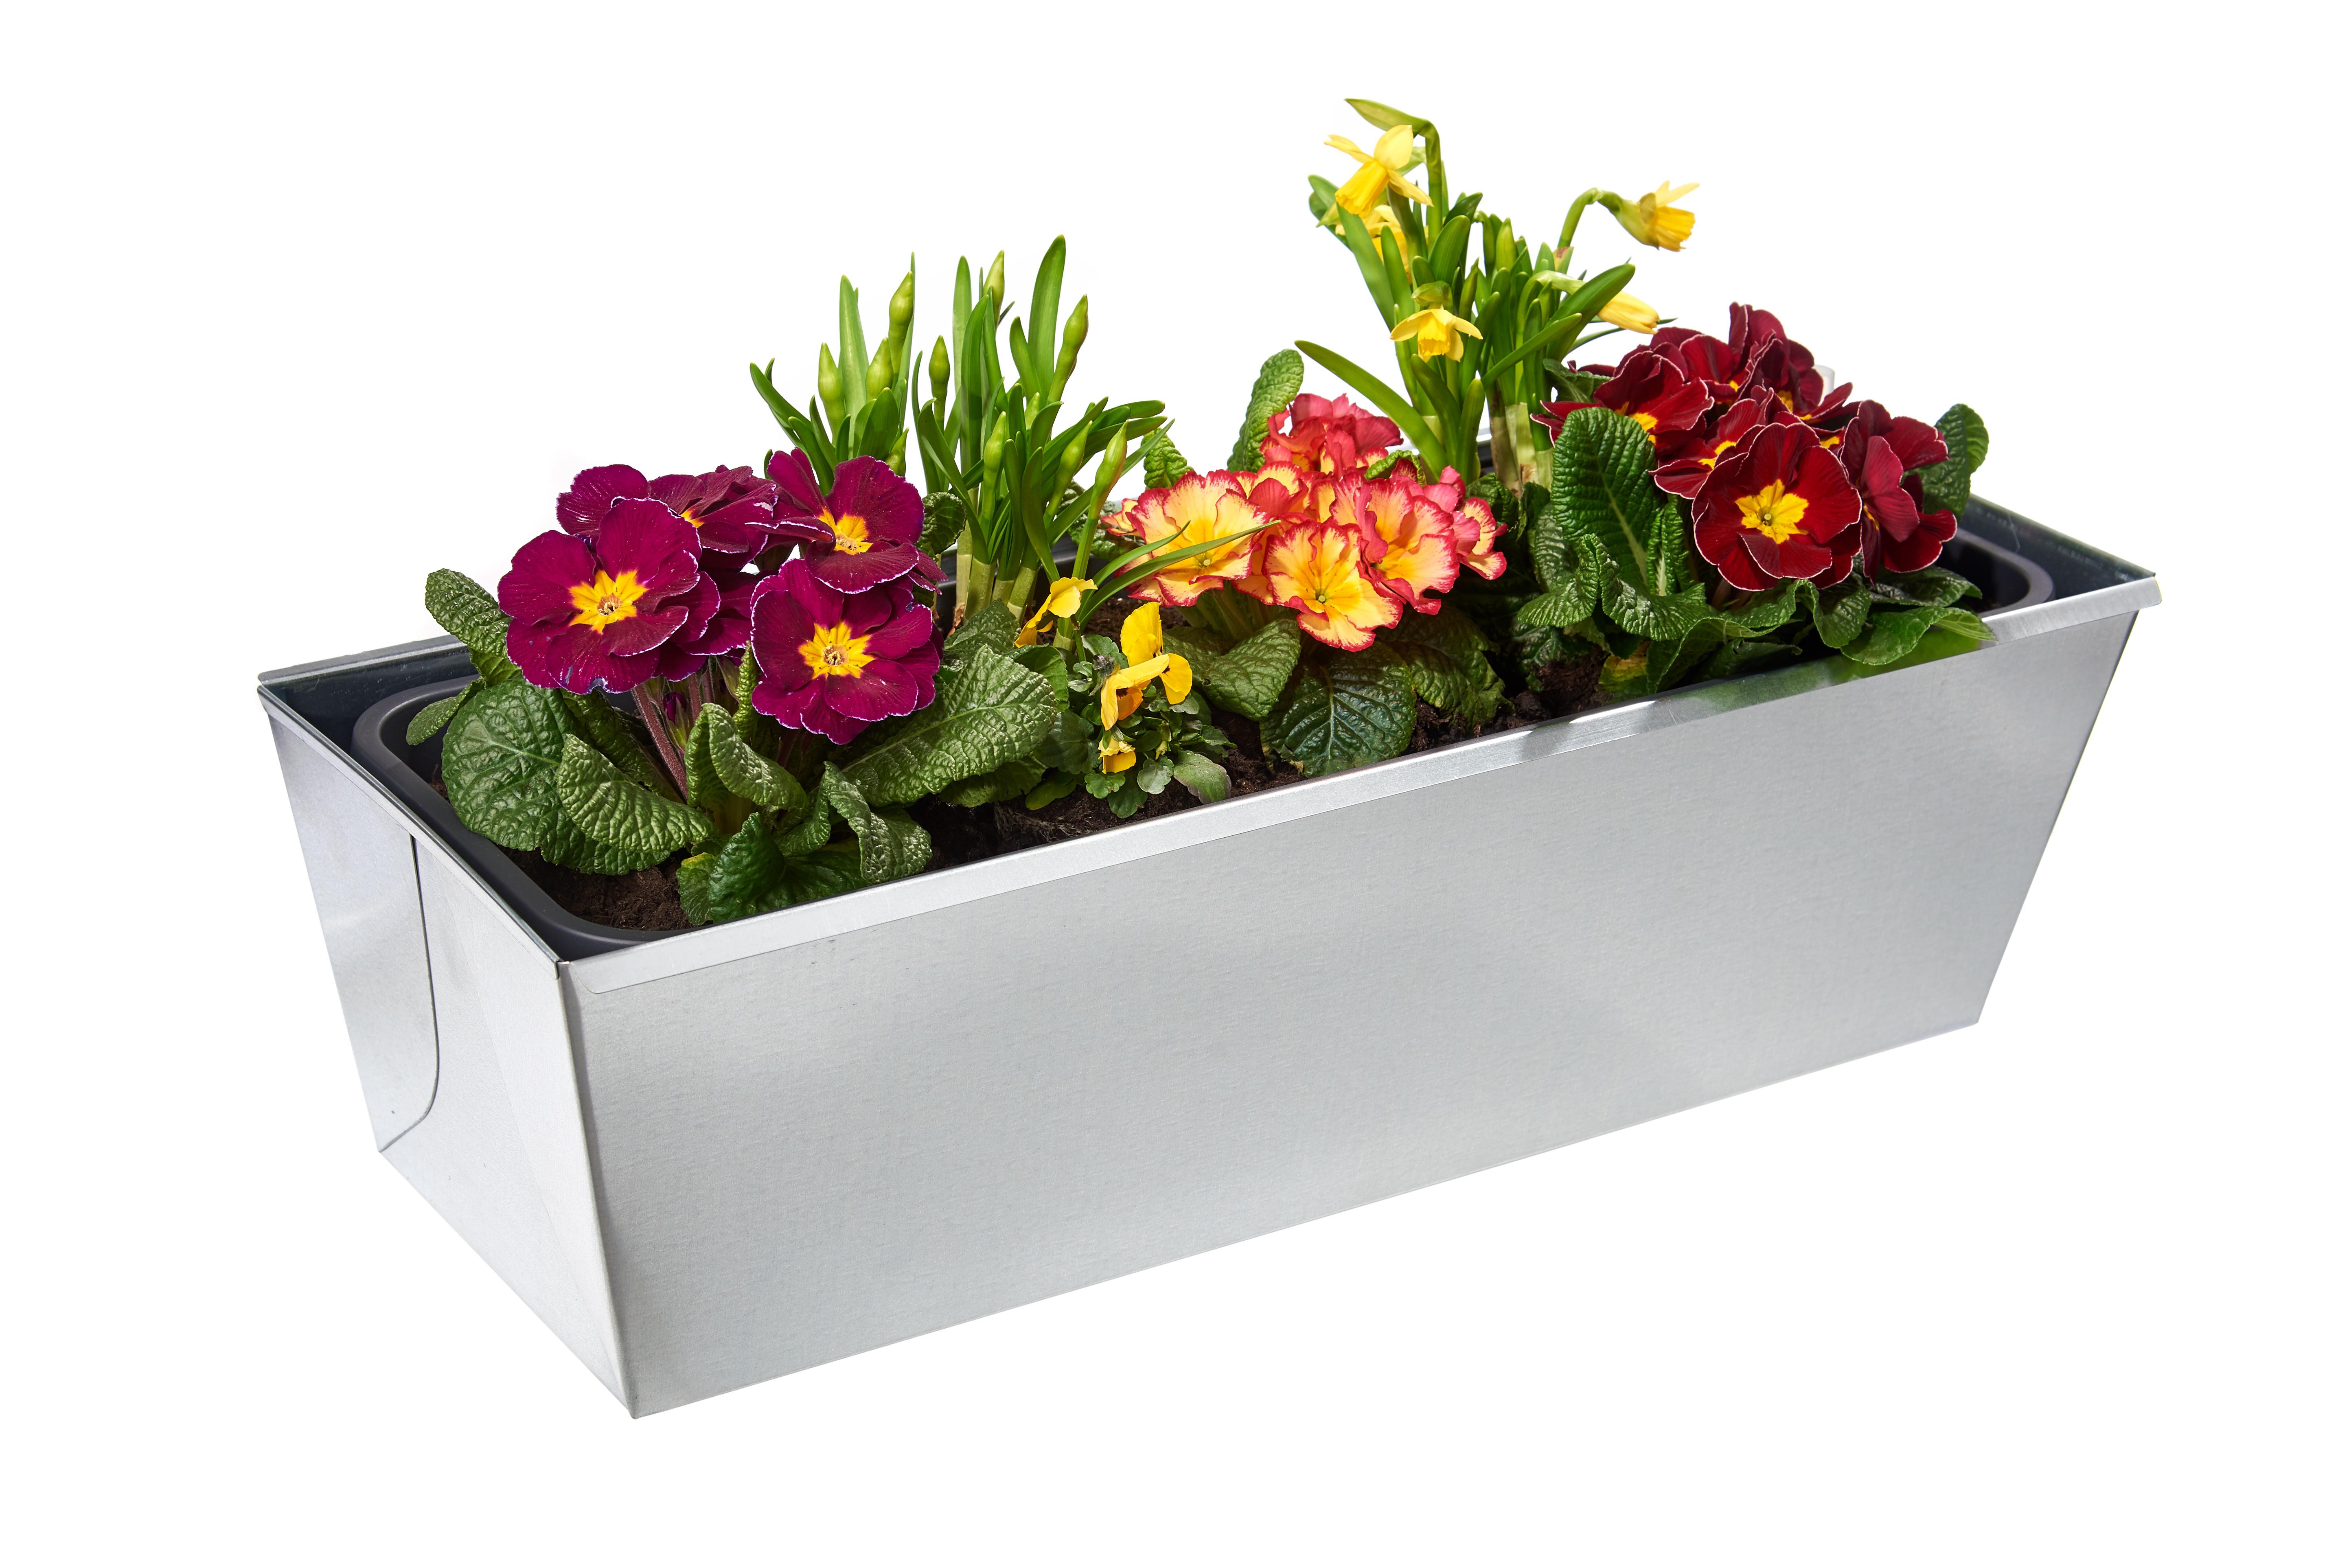 gabioka flowerbox 60cm de luxe verzinkt mit Wasserstandsanzeige und Wasserspeicher